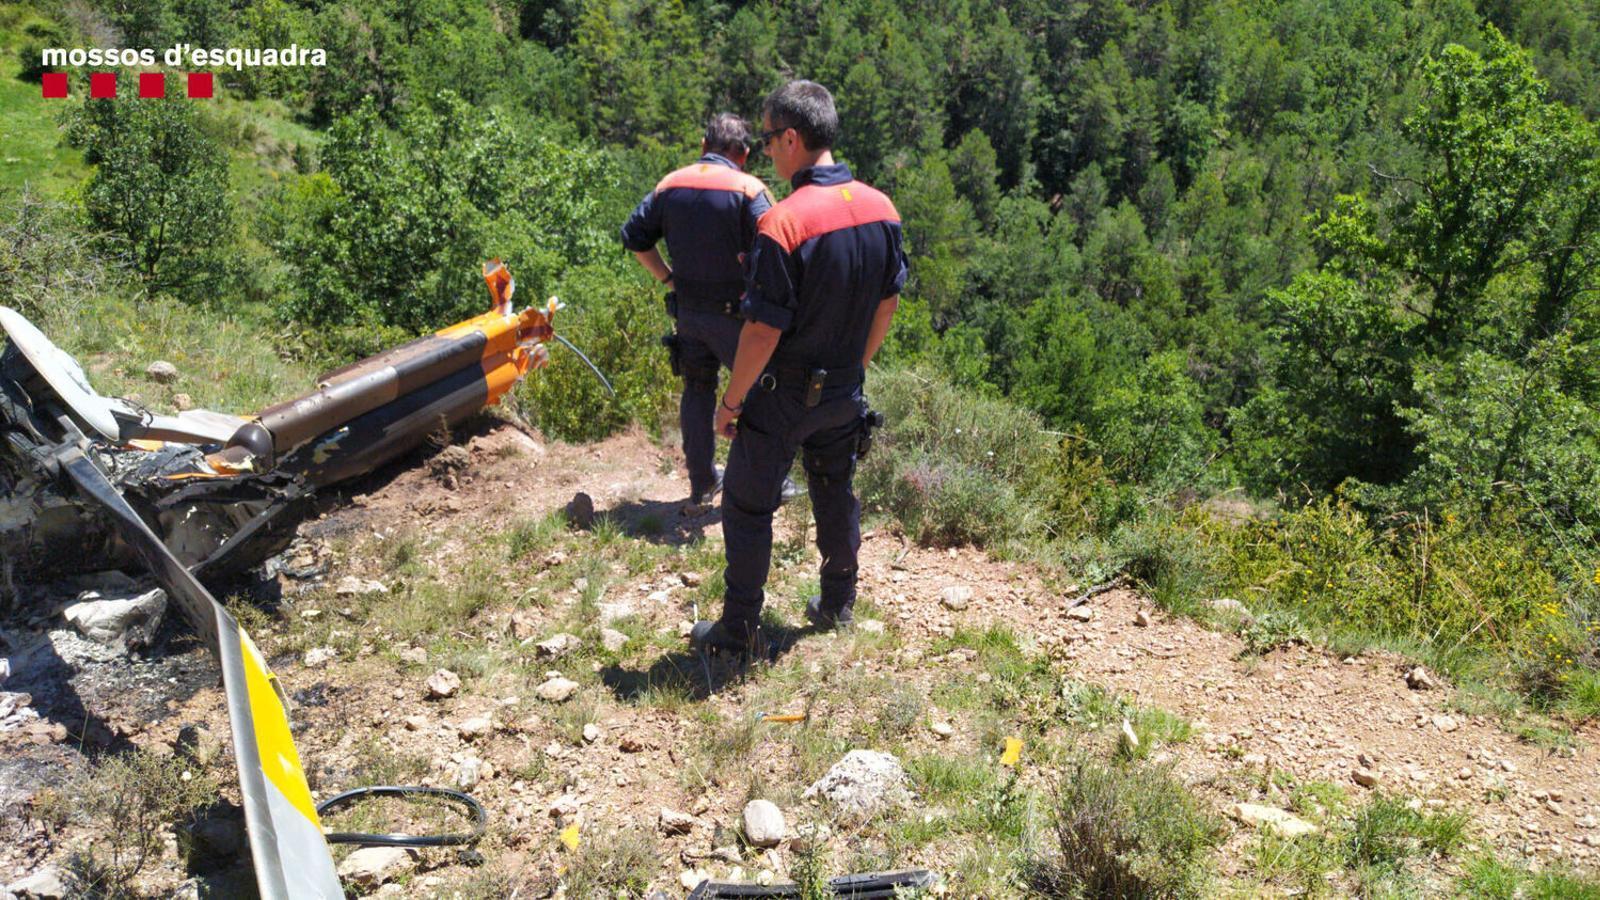 Dos agents dels Mossos al lloc de l'accident / MOSSOS D'ESQUADRA